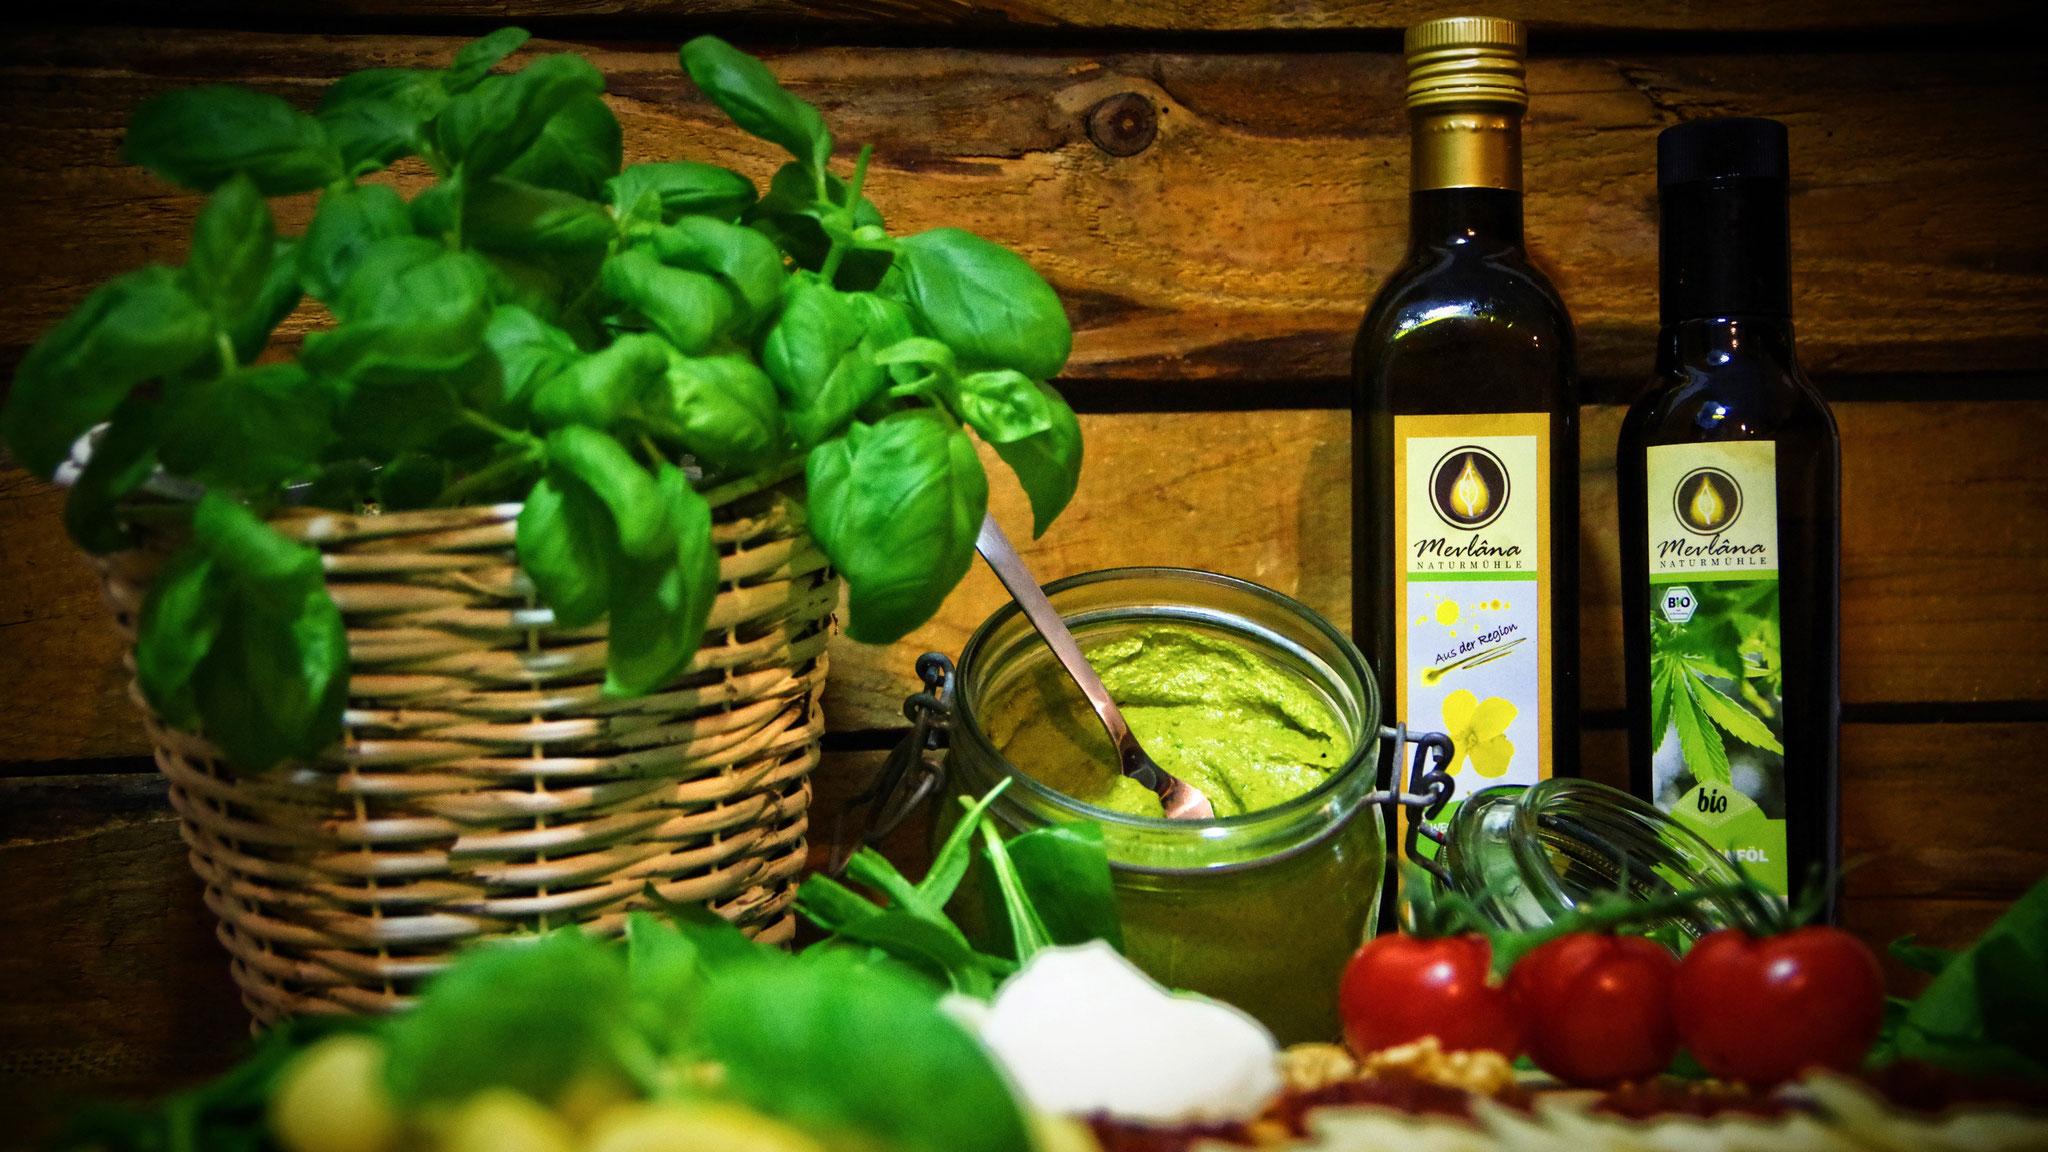 Pesto mit Rapsöl